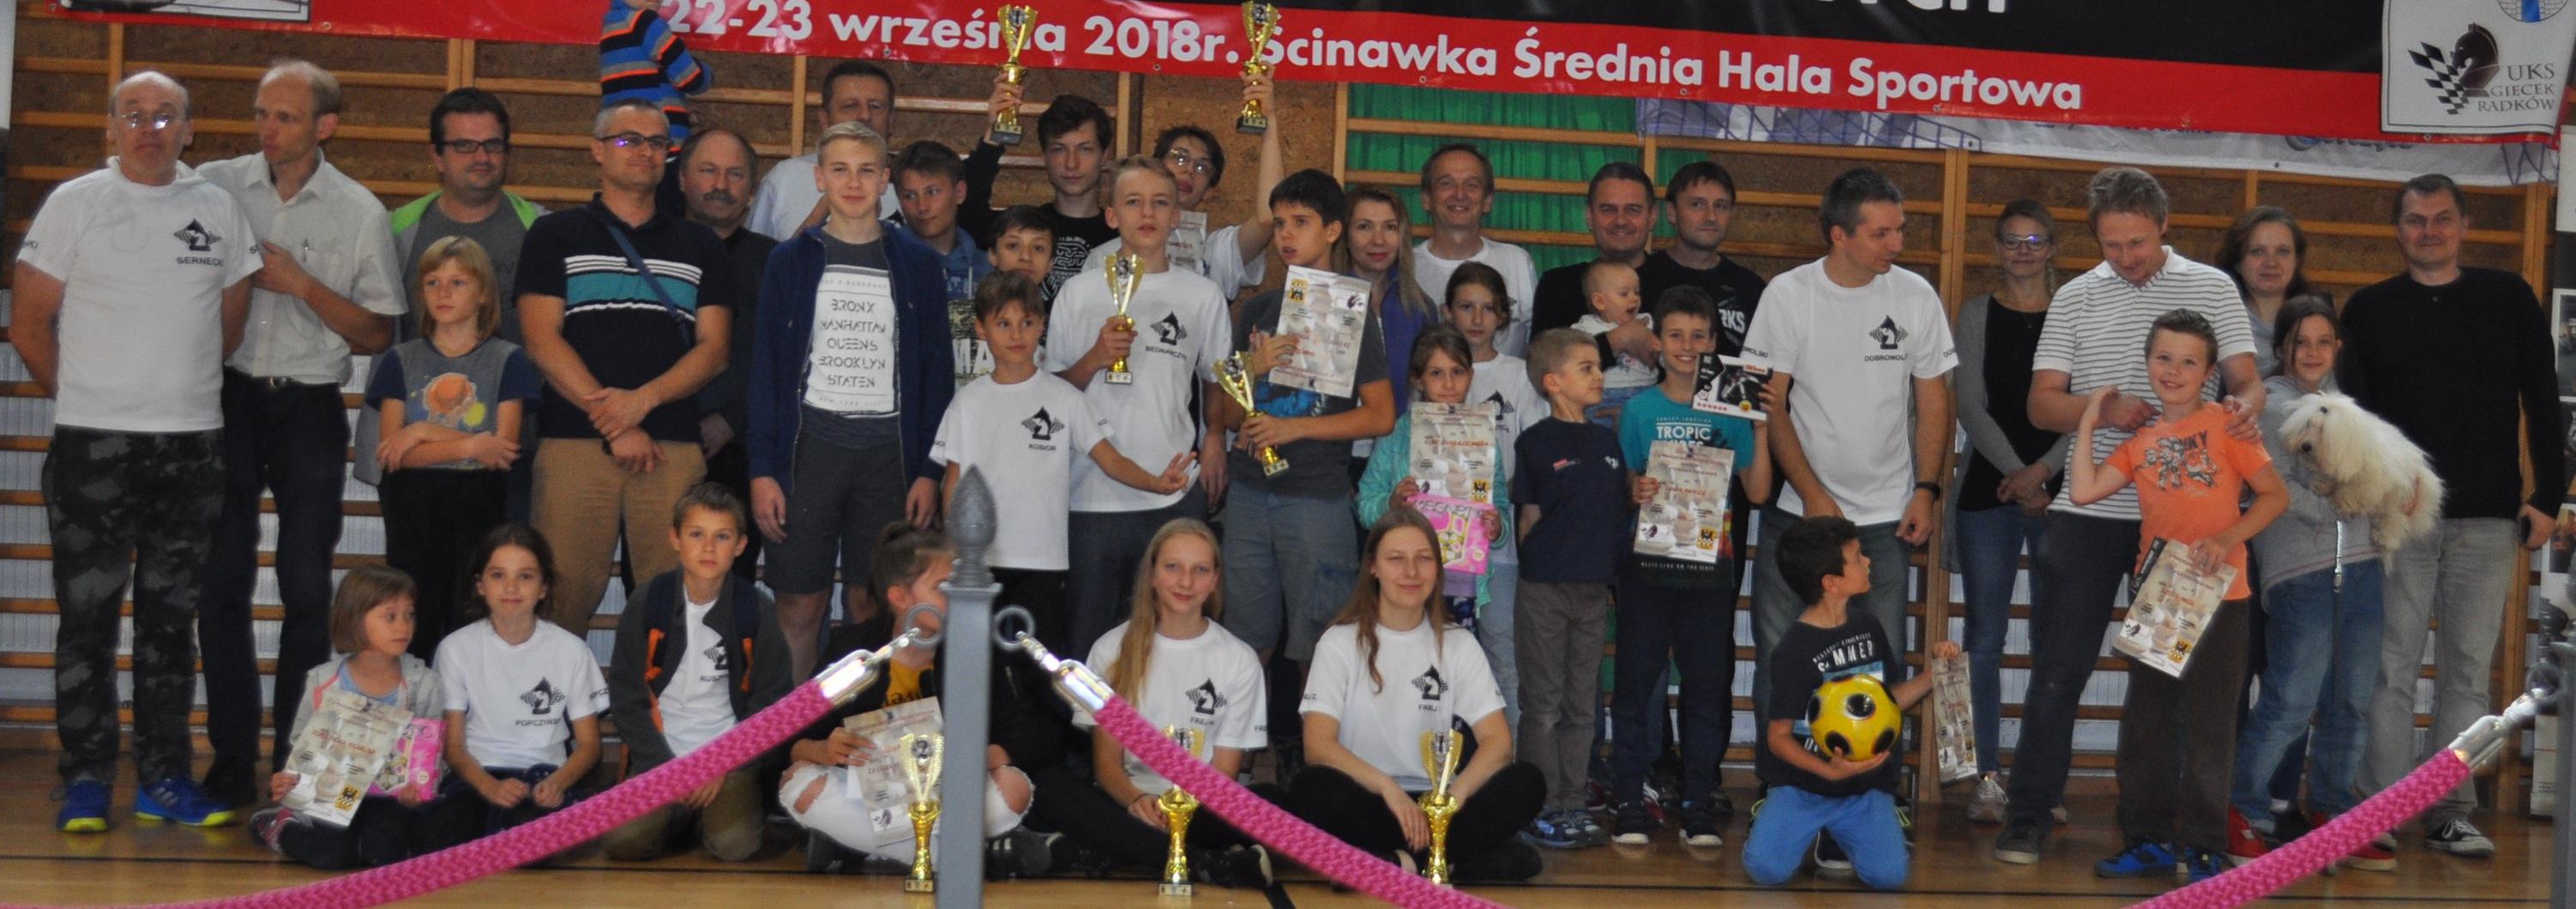 Część ekipy MUKS MDK Śródmieście Wrocław - po podboju Ścinawki Średniej. 23.09.2018, Zdjęcie - Ewa Felsztyńska-Korpalska,